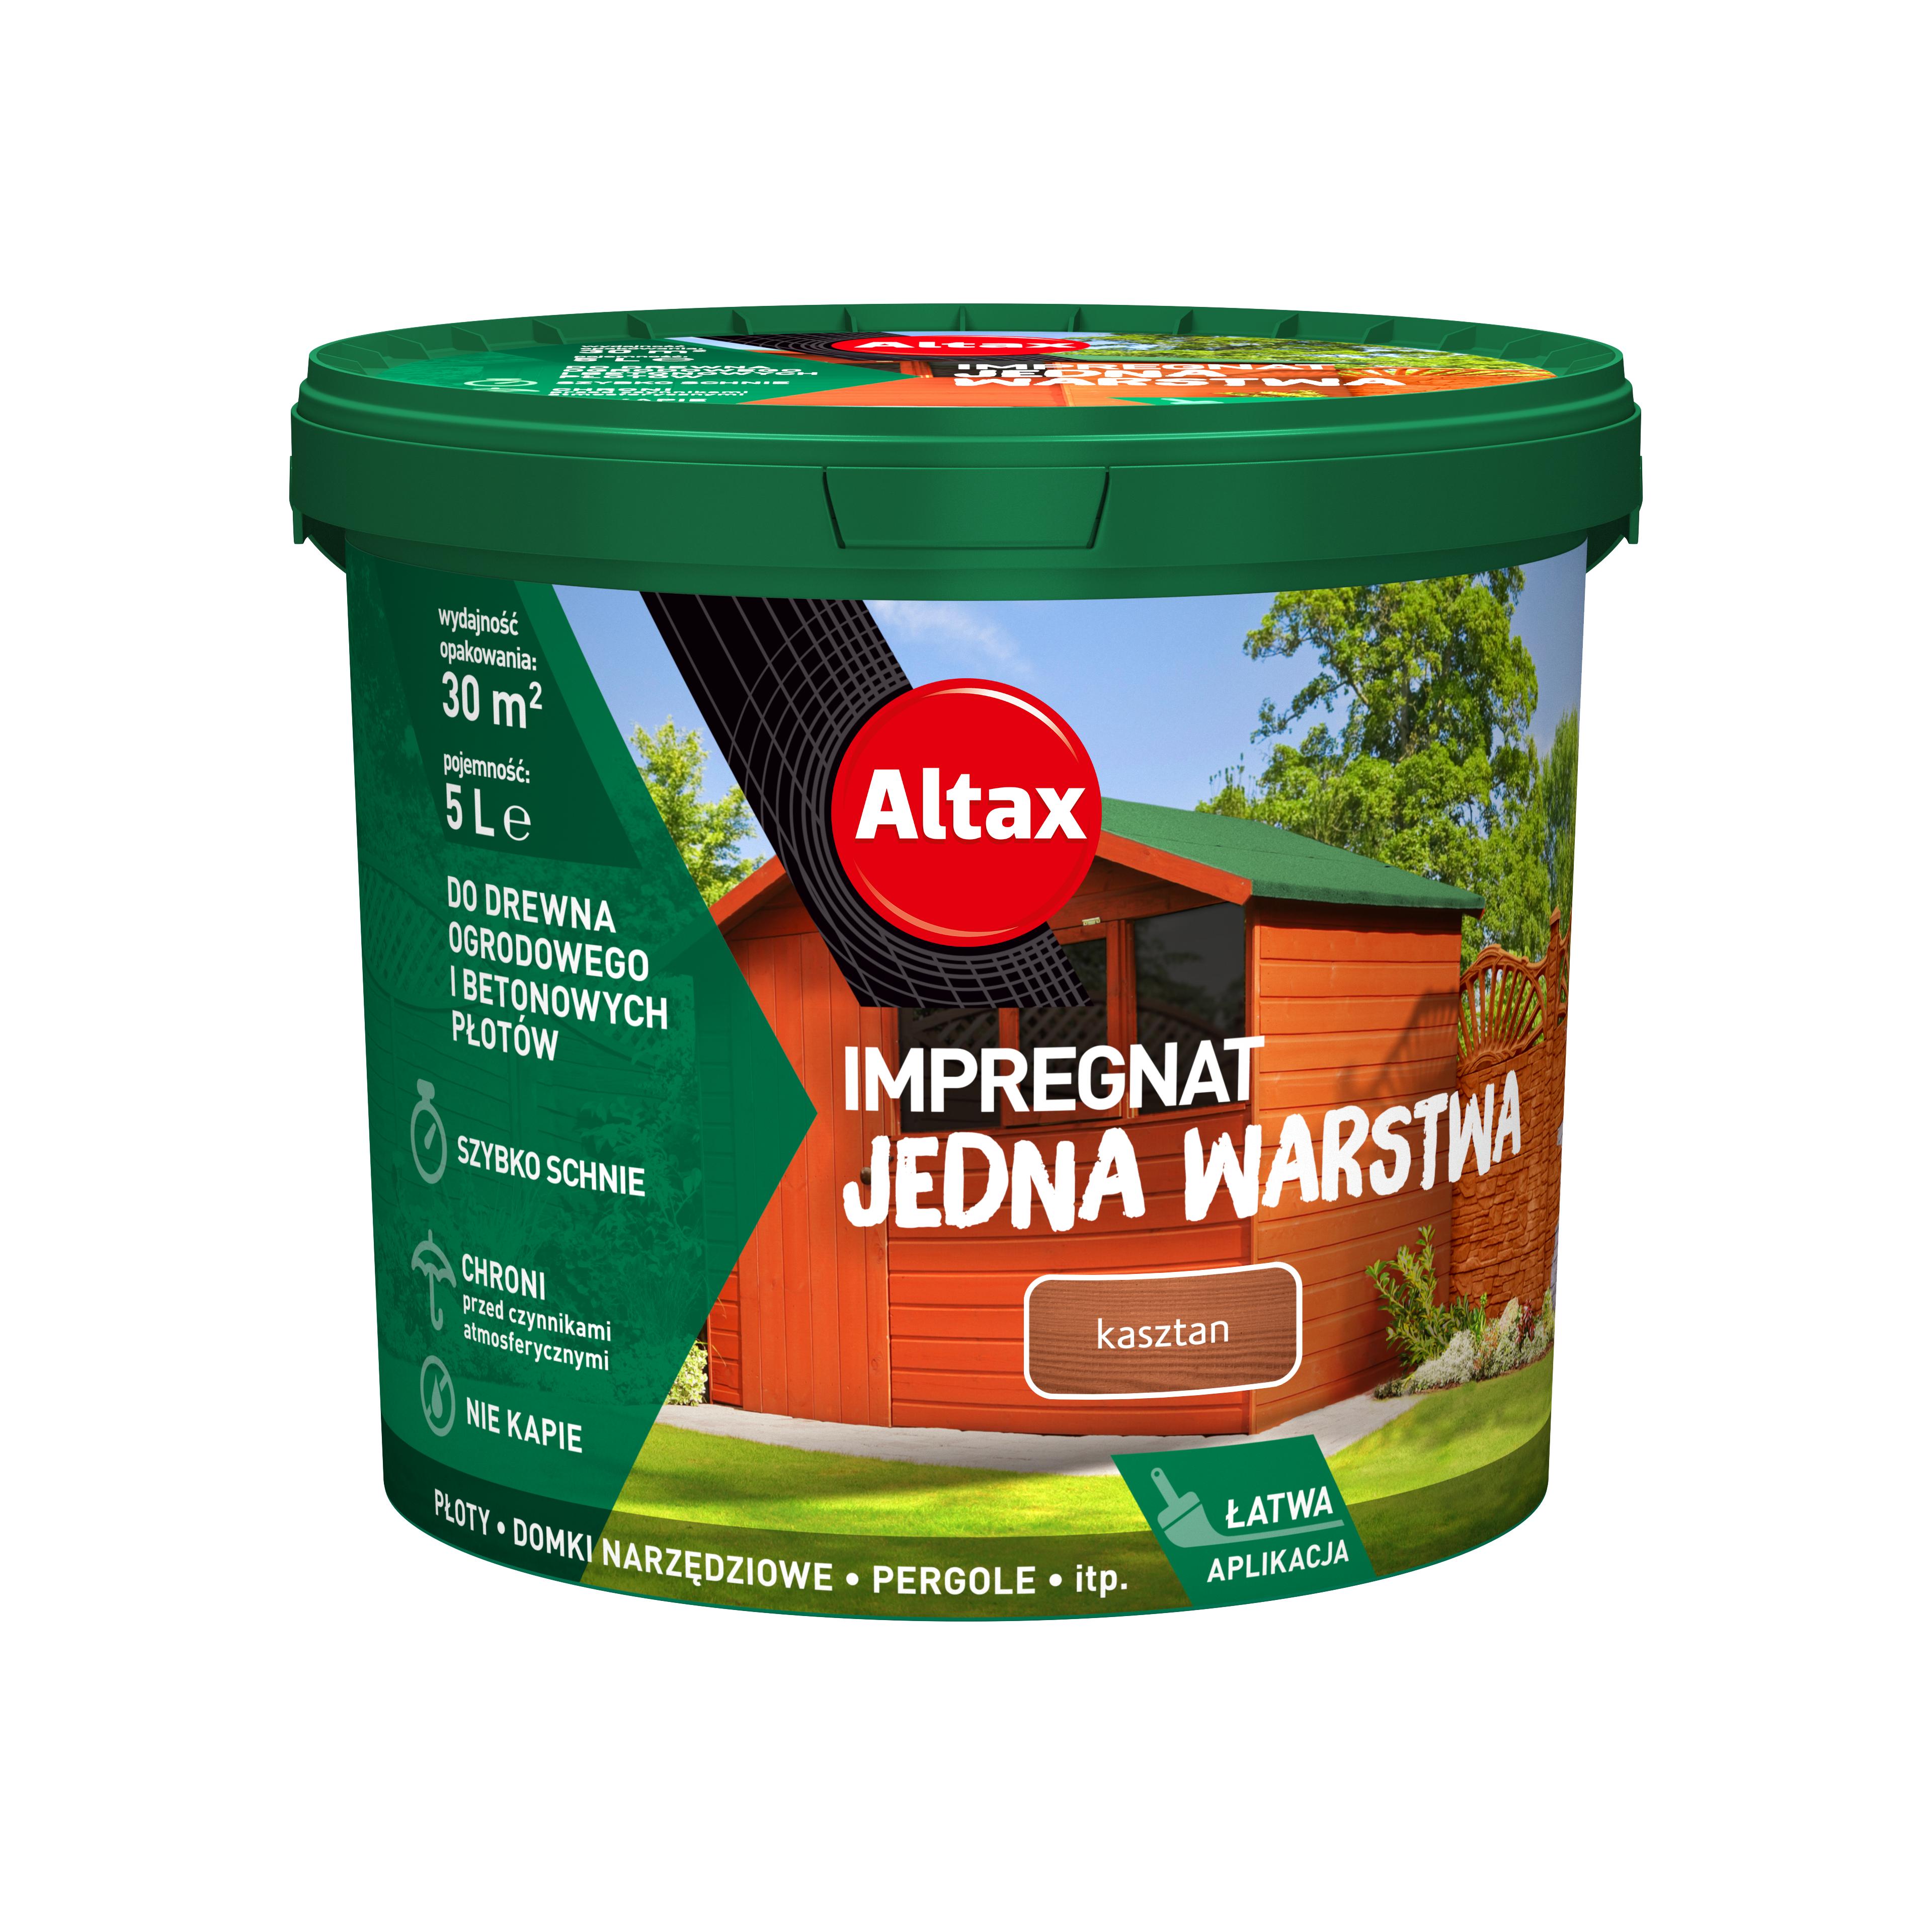 Altax Impregnat 5L Do Drewna Ogrodowego Jedna Warstwa Kasztan